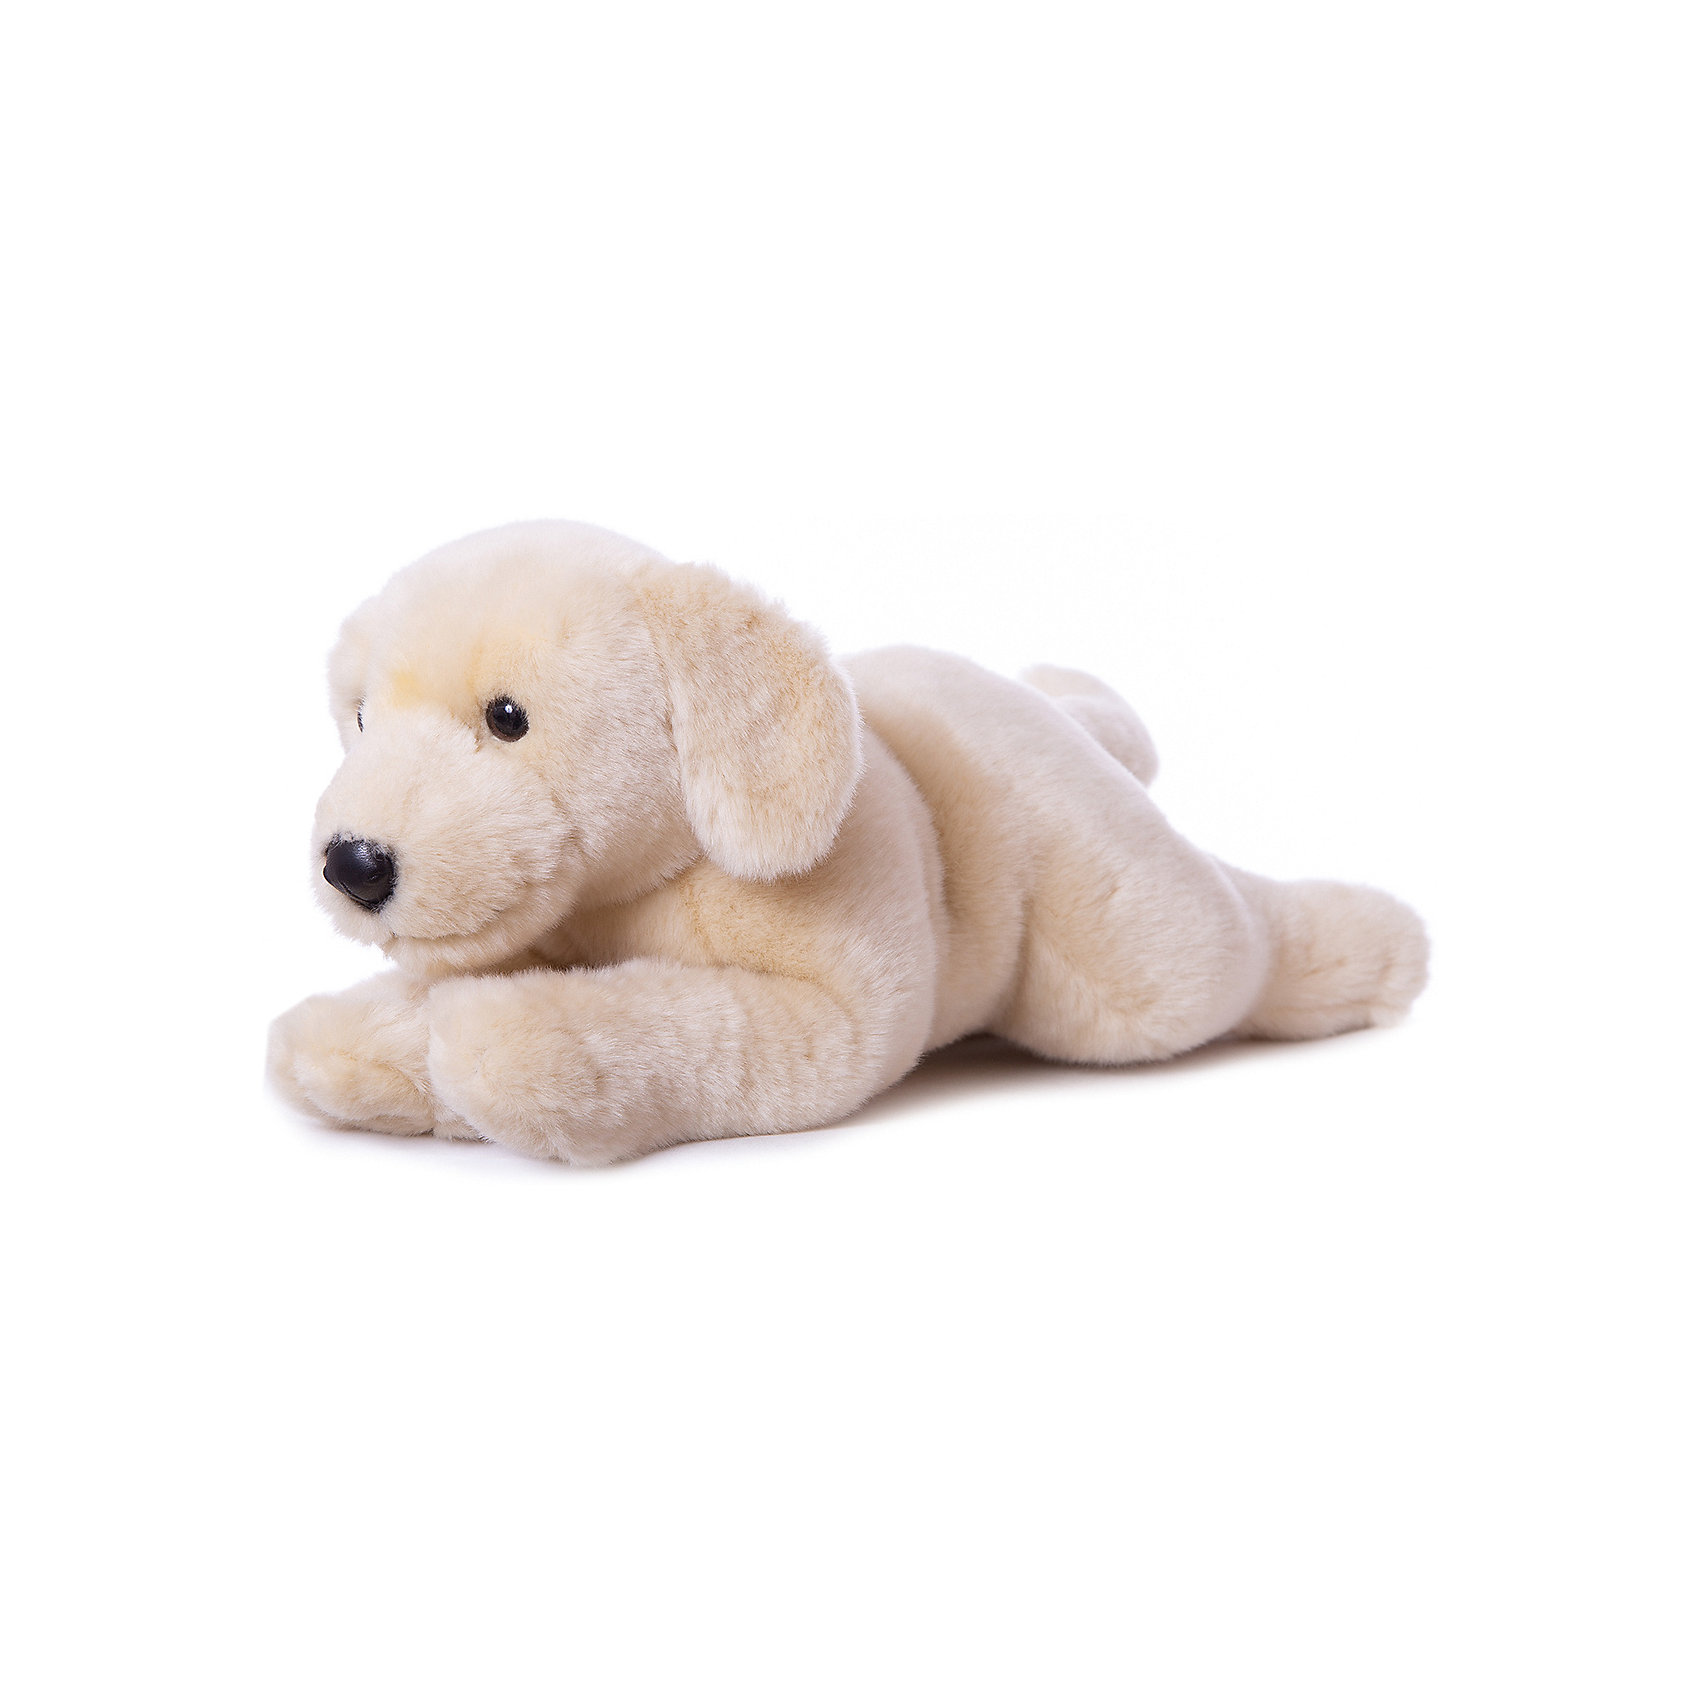 Бежевый лабрадор, 45 смКошки и собаки<br>Бежевый лабрадор, 45 см – игрушка от знаменитого бренда Hansa, специализирующегося на выпуске мягких игрушек с высокой степенью натуралистичности. Внешний вид игрушечной собаки полностью соответствует породе реального прототипа. Игрушка выполнена в бежевом цвете из меха с ворсом средней длины, обладает гипоаллергенными свойствами. Внутри имеется металлический каркас, который позволяет изменять положение. Игрушка относится к серии Домашние животные. <br>Мягкие игрушки от Hansa подходят для сюжетно-ролевых игр или для обучающих игр. Кроме того, их можно использовать в качестве интерьерных игрушек. Игрушки от Hansa будут радовать вашего ребенка долгое время, так как ручная работа и качественные материалы гарантируют их долговечность и прочность.<br><br>Дополнительная информация:<br><br>- Вид игр: сюжетно-ролевые игры, коллекционирование, интерьерные игрушки<br>- Предназначение: для дома, для детских развивающих центров, для детских садов<br>- Материал: искусственный мех, наполнитель ? полиэфирное волокно<br>- Размер (ДхШхВ): 16*18*42 см<br>- Вес: 4 кг 515 г<br>- Особенности ухода: сухая чистка при помощи пылесоса или щетки для одежды<br><br>Подробнее:<br><br>• Для детей в возрасте: от 3 лет <br>• Страна производитель: Филиппины<br>• Торговый бренд: Hansa<br><br>Бежевого лабрадора, 45 см можно купить в нашем интернет-магазине.<br><br>Ширина мм: 16<br>Глубина мм: 18<br>Высота мм: 42<br>Вес г: 4515<br>Возраст от месяцев: 36<br>Возраст до месяцев: 2147483647<br>Пол: Унисекс<br>Возраст: Детский<br>SKU: 4927171